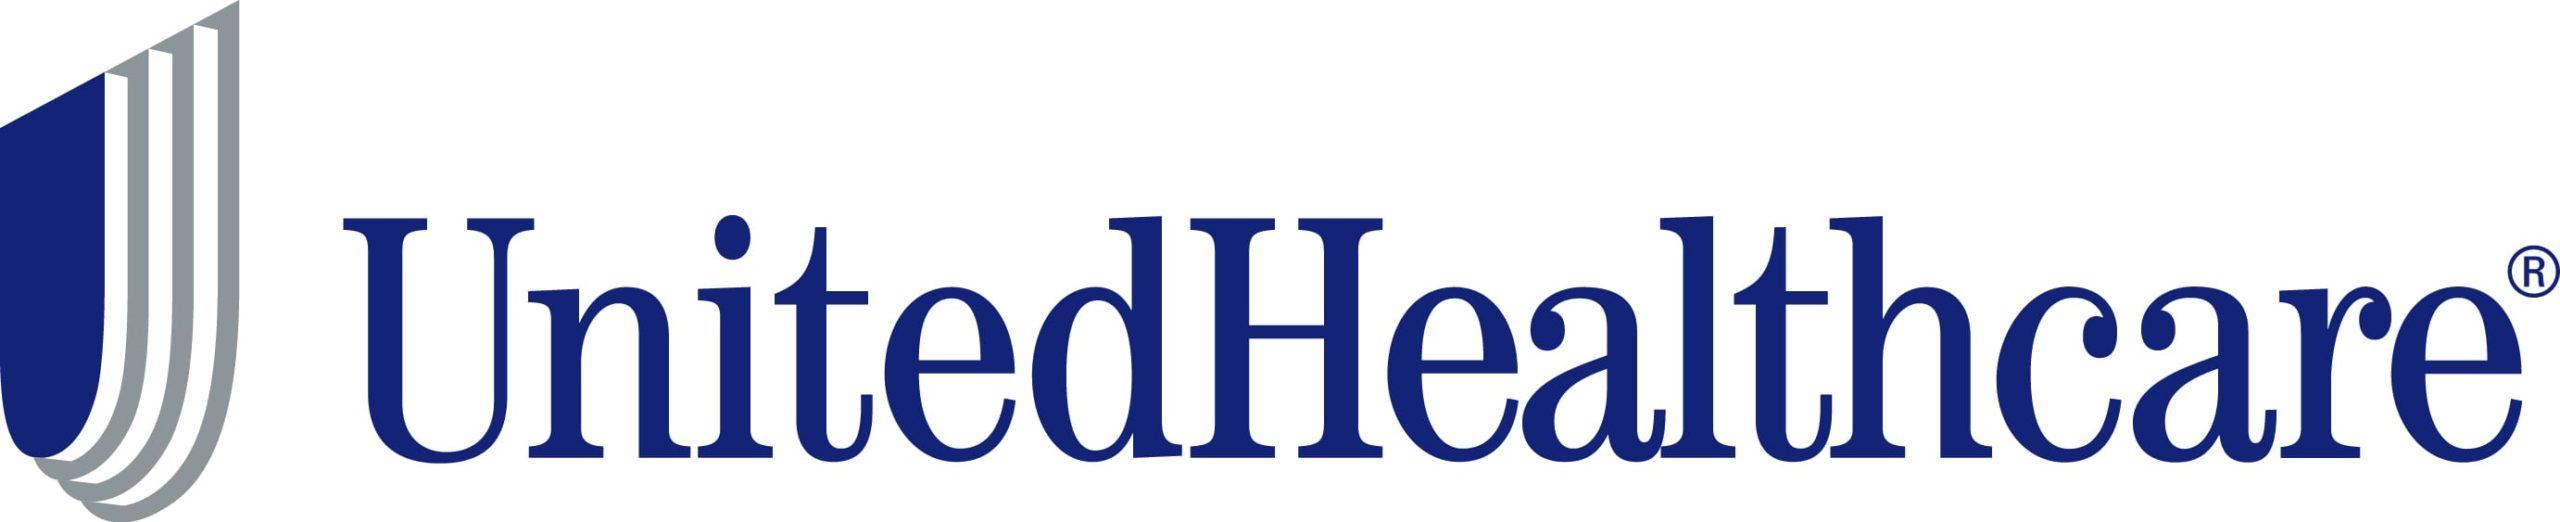 united healthcare employee benefits